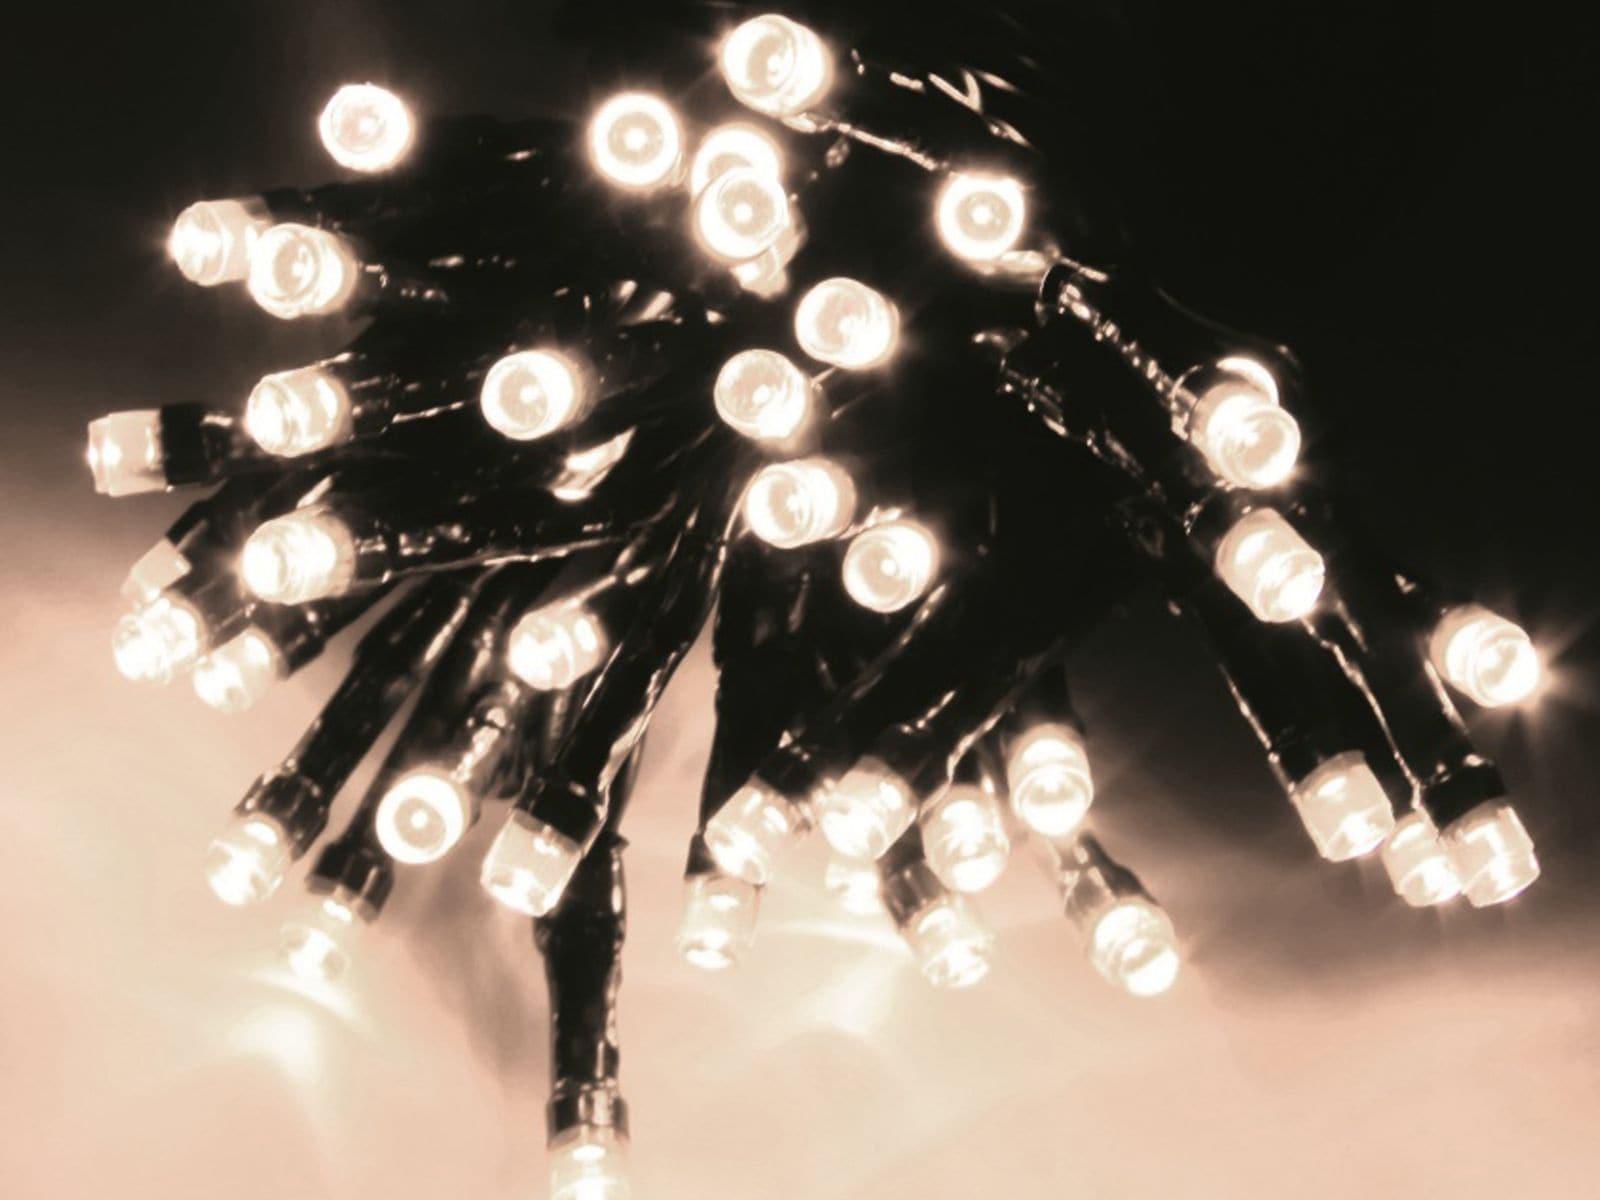 led lichterkette 40 leds kaltwei 230v ip44 innen au en online kaufen. Black Bedroom Furniture Sets. Home Design Ideas